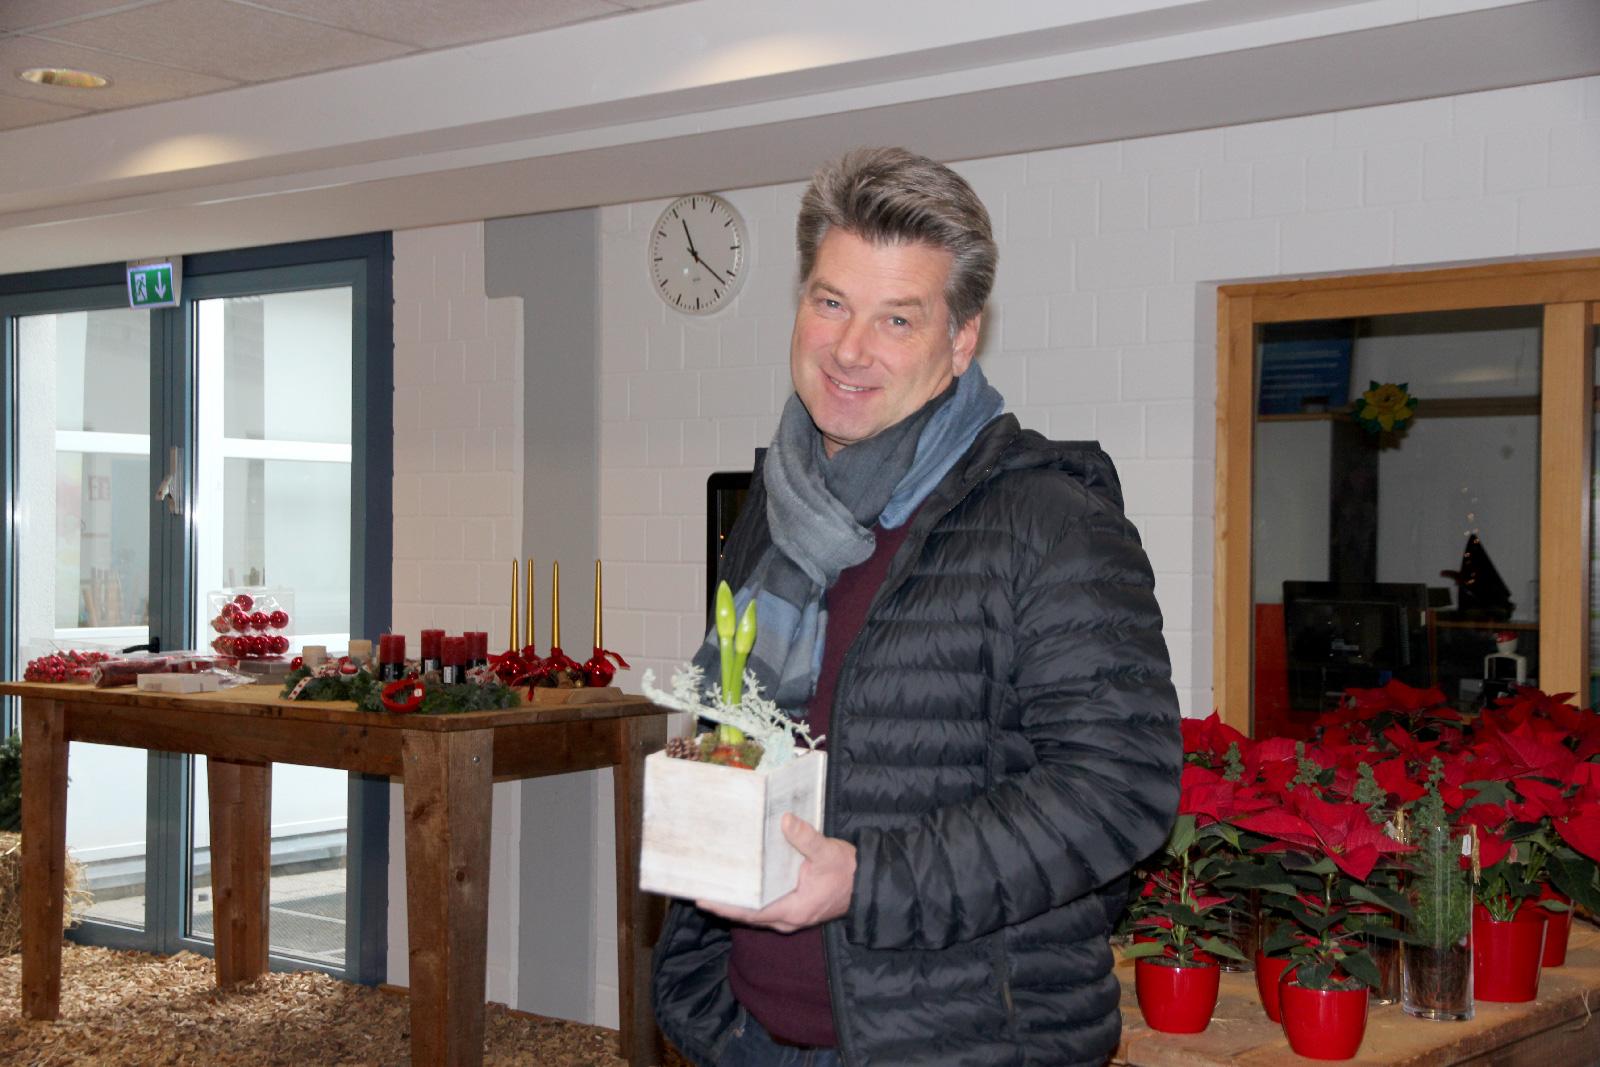 ... Adventskranz, Gesteck und andere Weihnachtsdeko kaufen Clemens Schramm und seine Frau traditionell beim Einkaufssamstag der Moritzberg-Werkstätten.